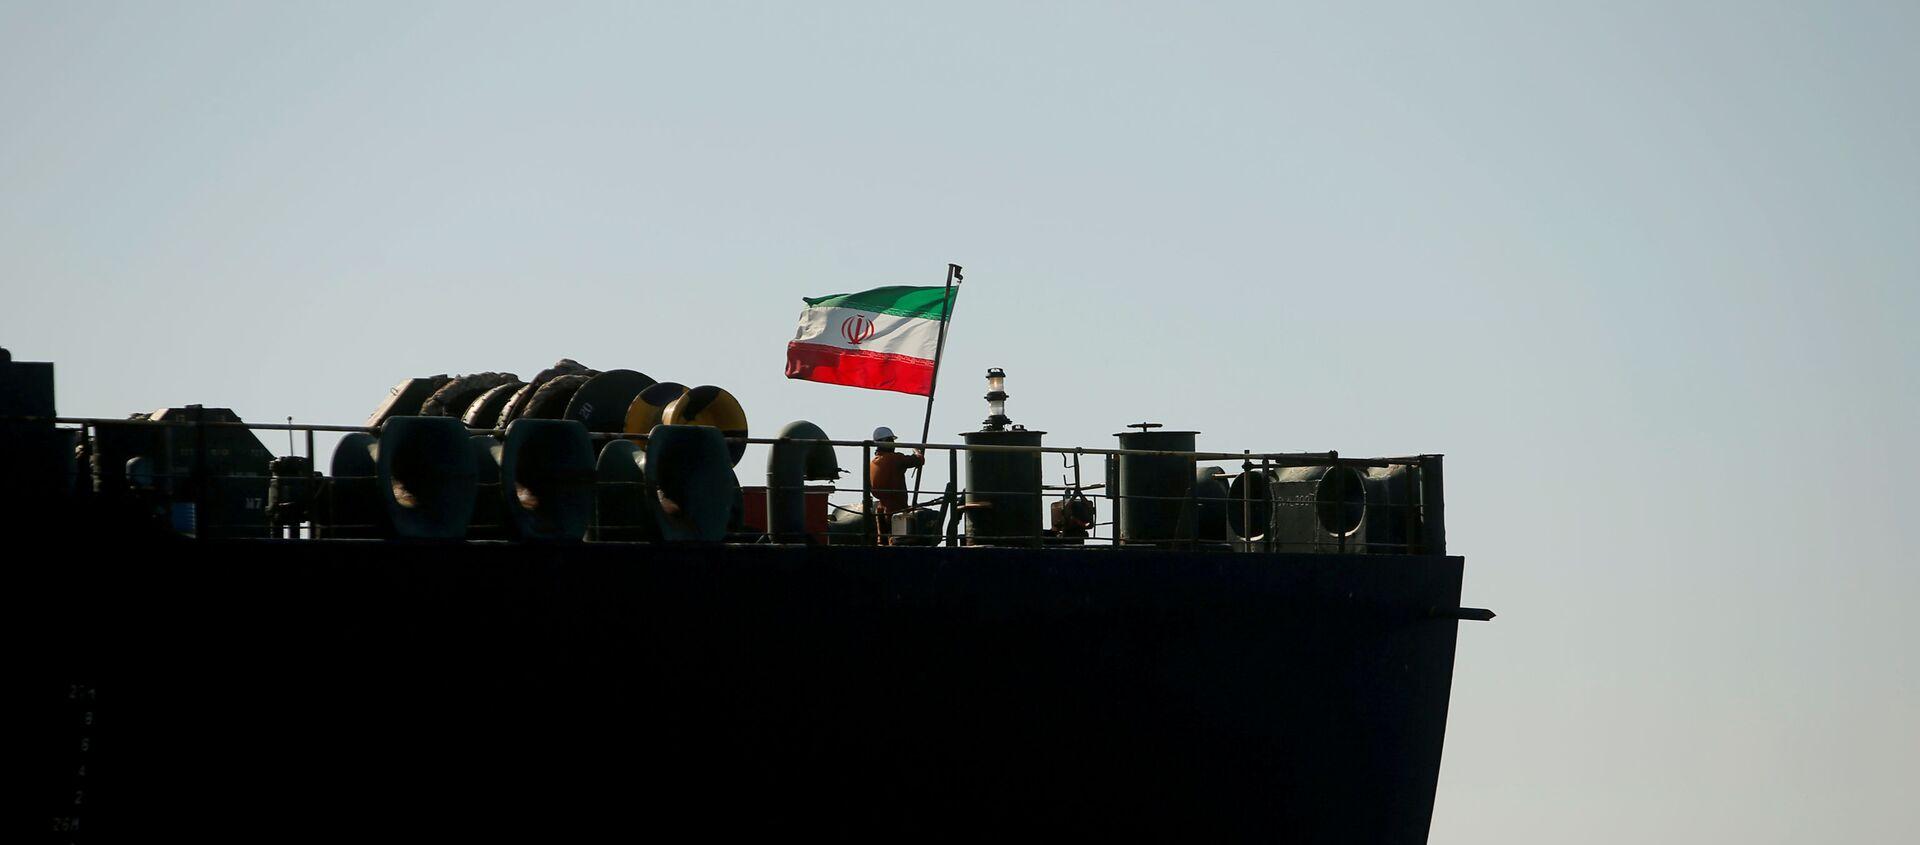 Nave iraniana - Sputnik Italia, 1920, 06.04.2021